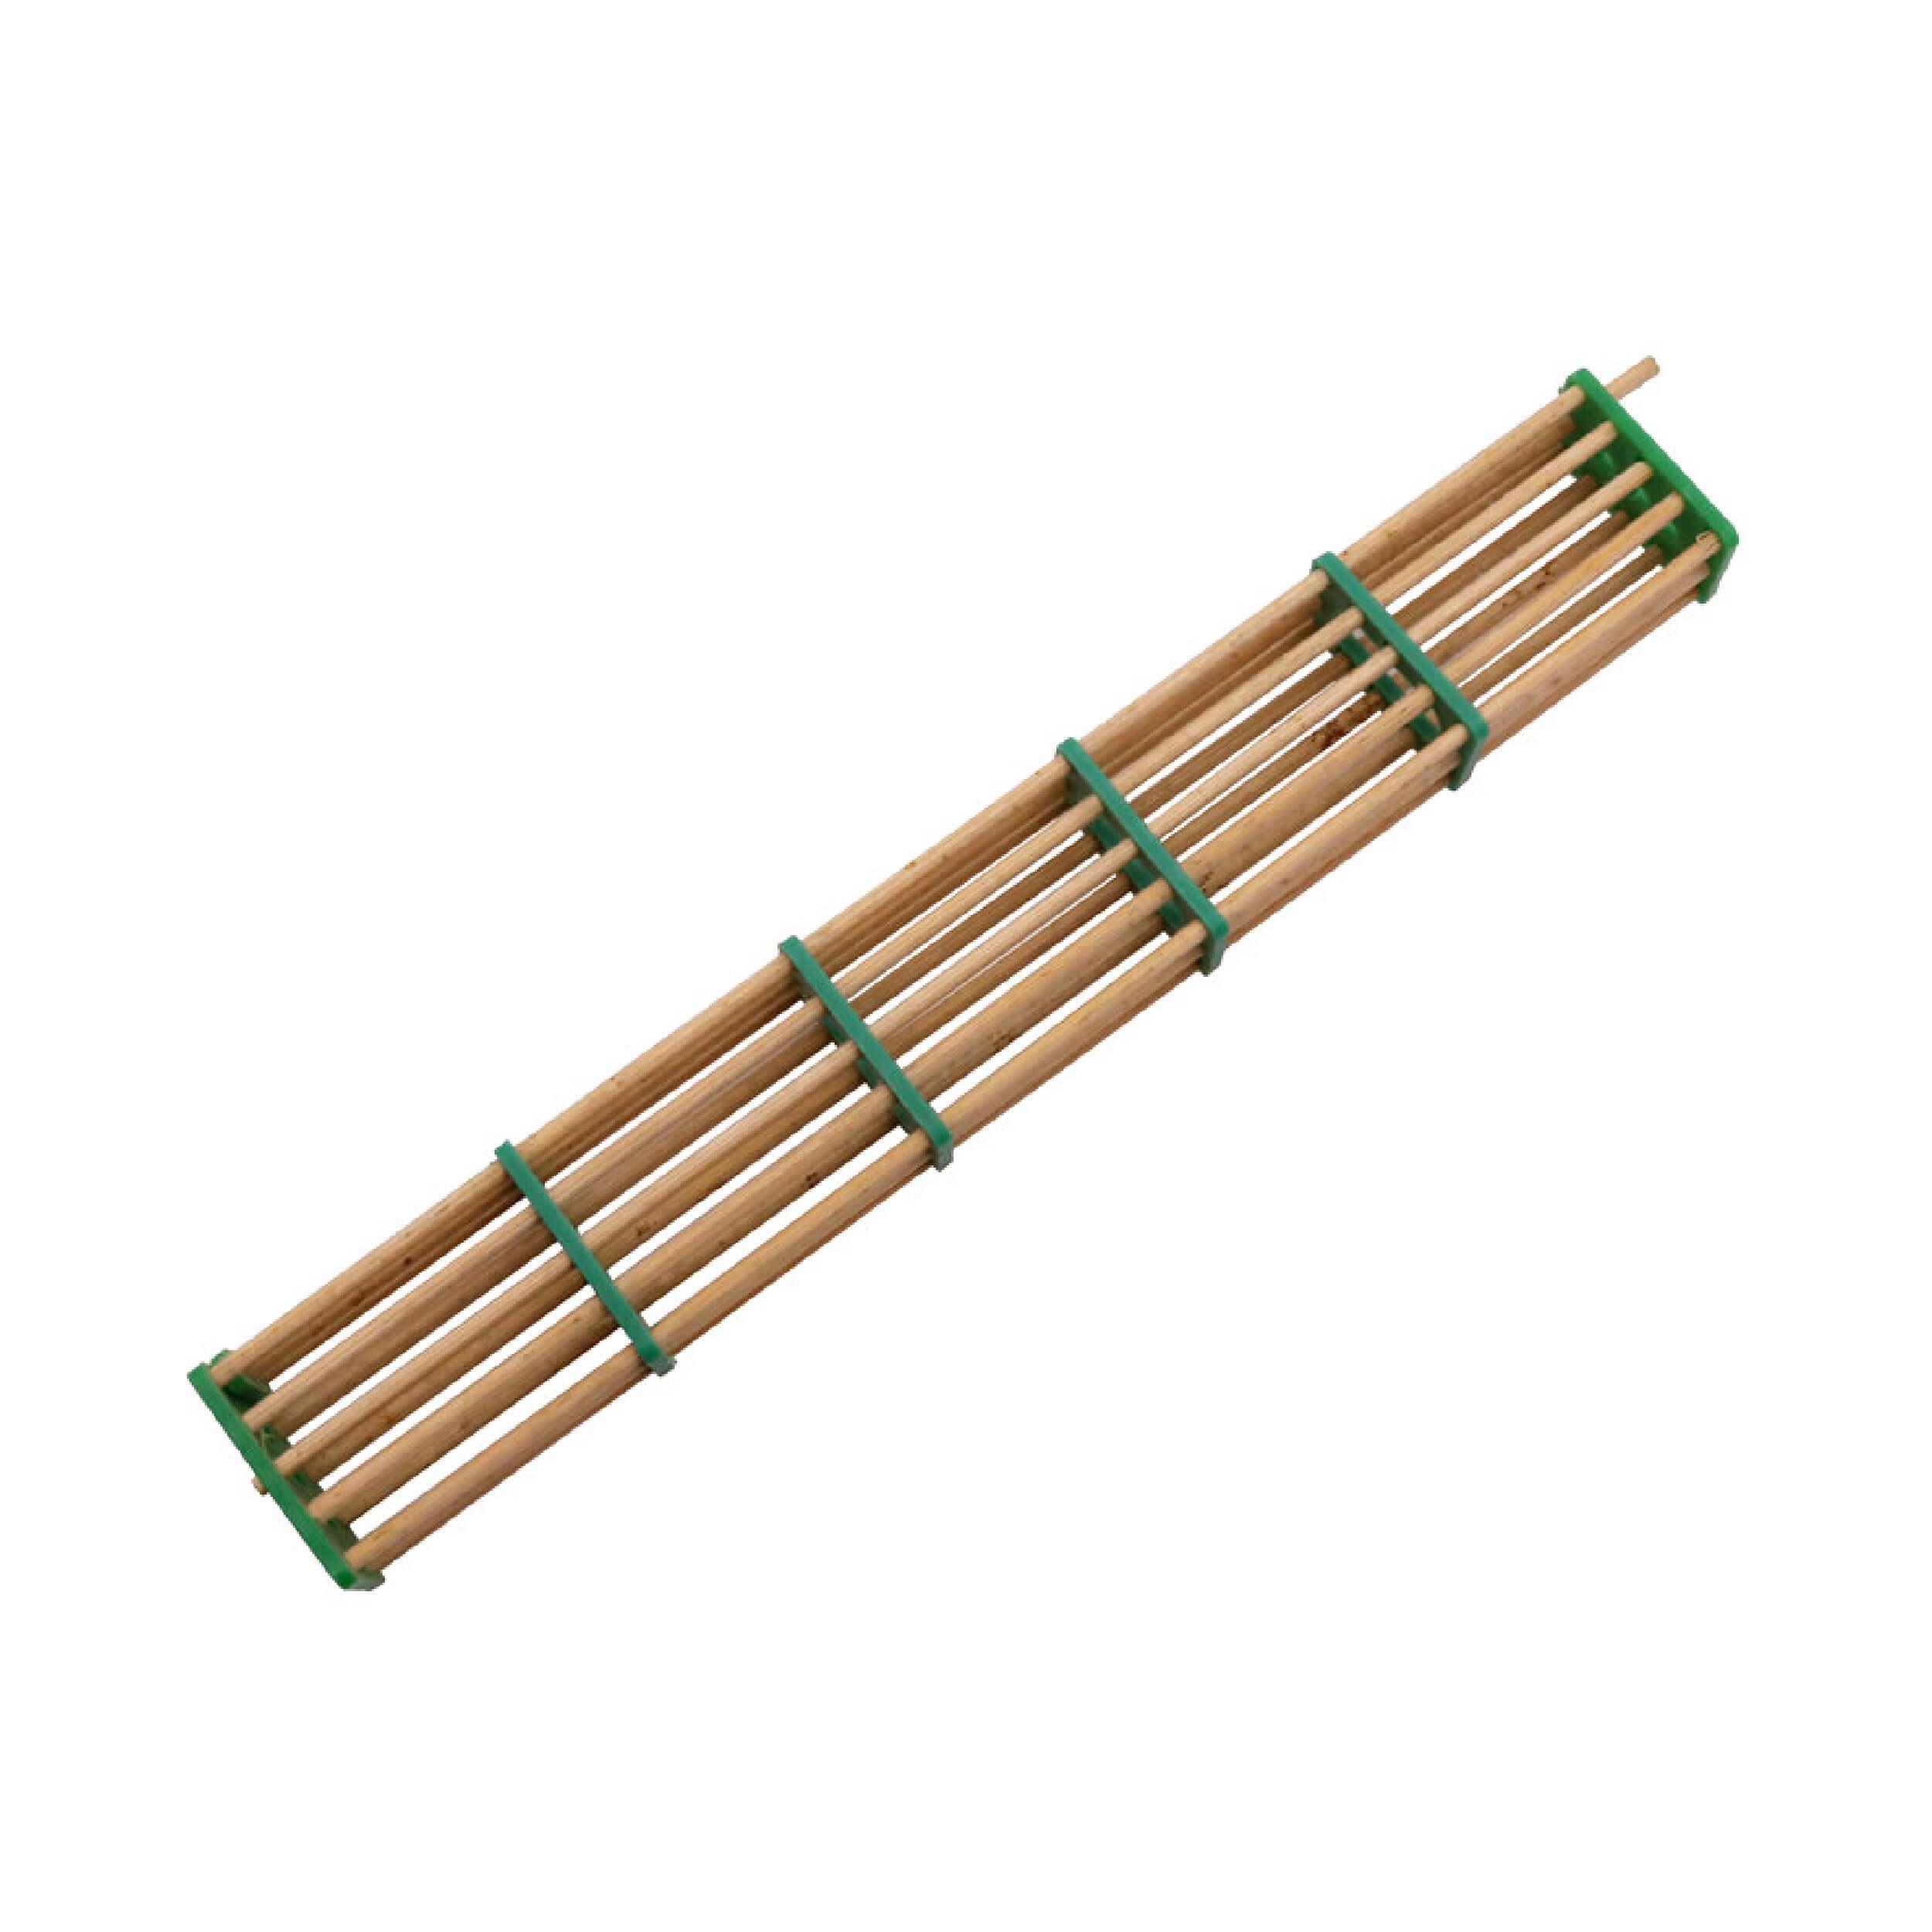 Клеточка для матки деревянная (бамбук, 5 секций) фото